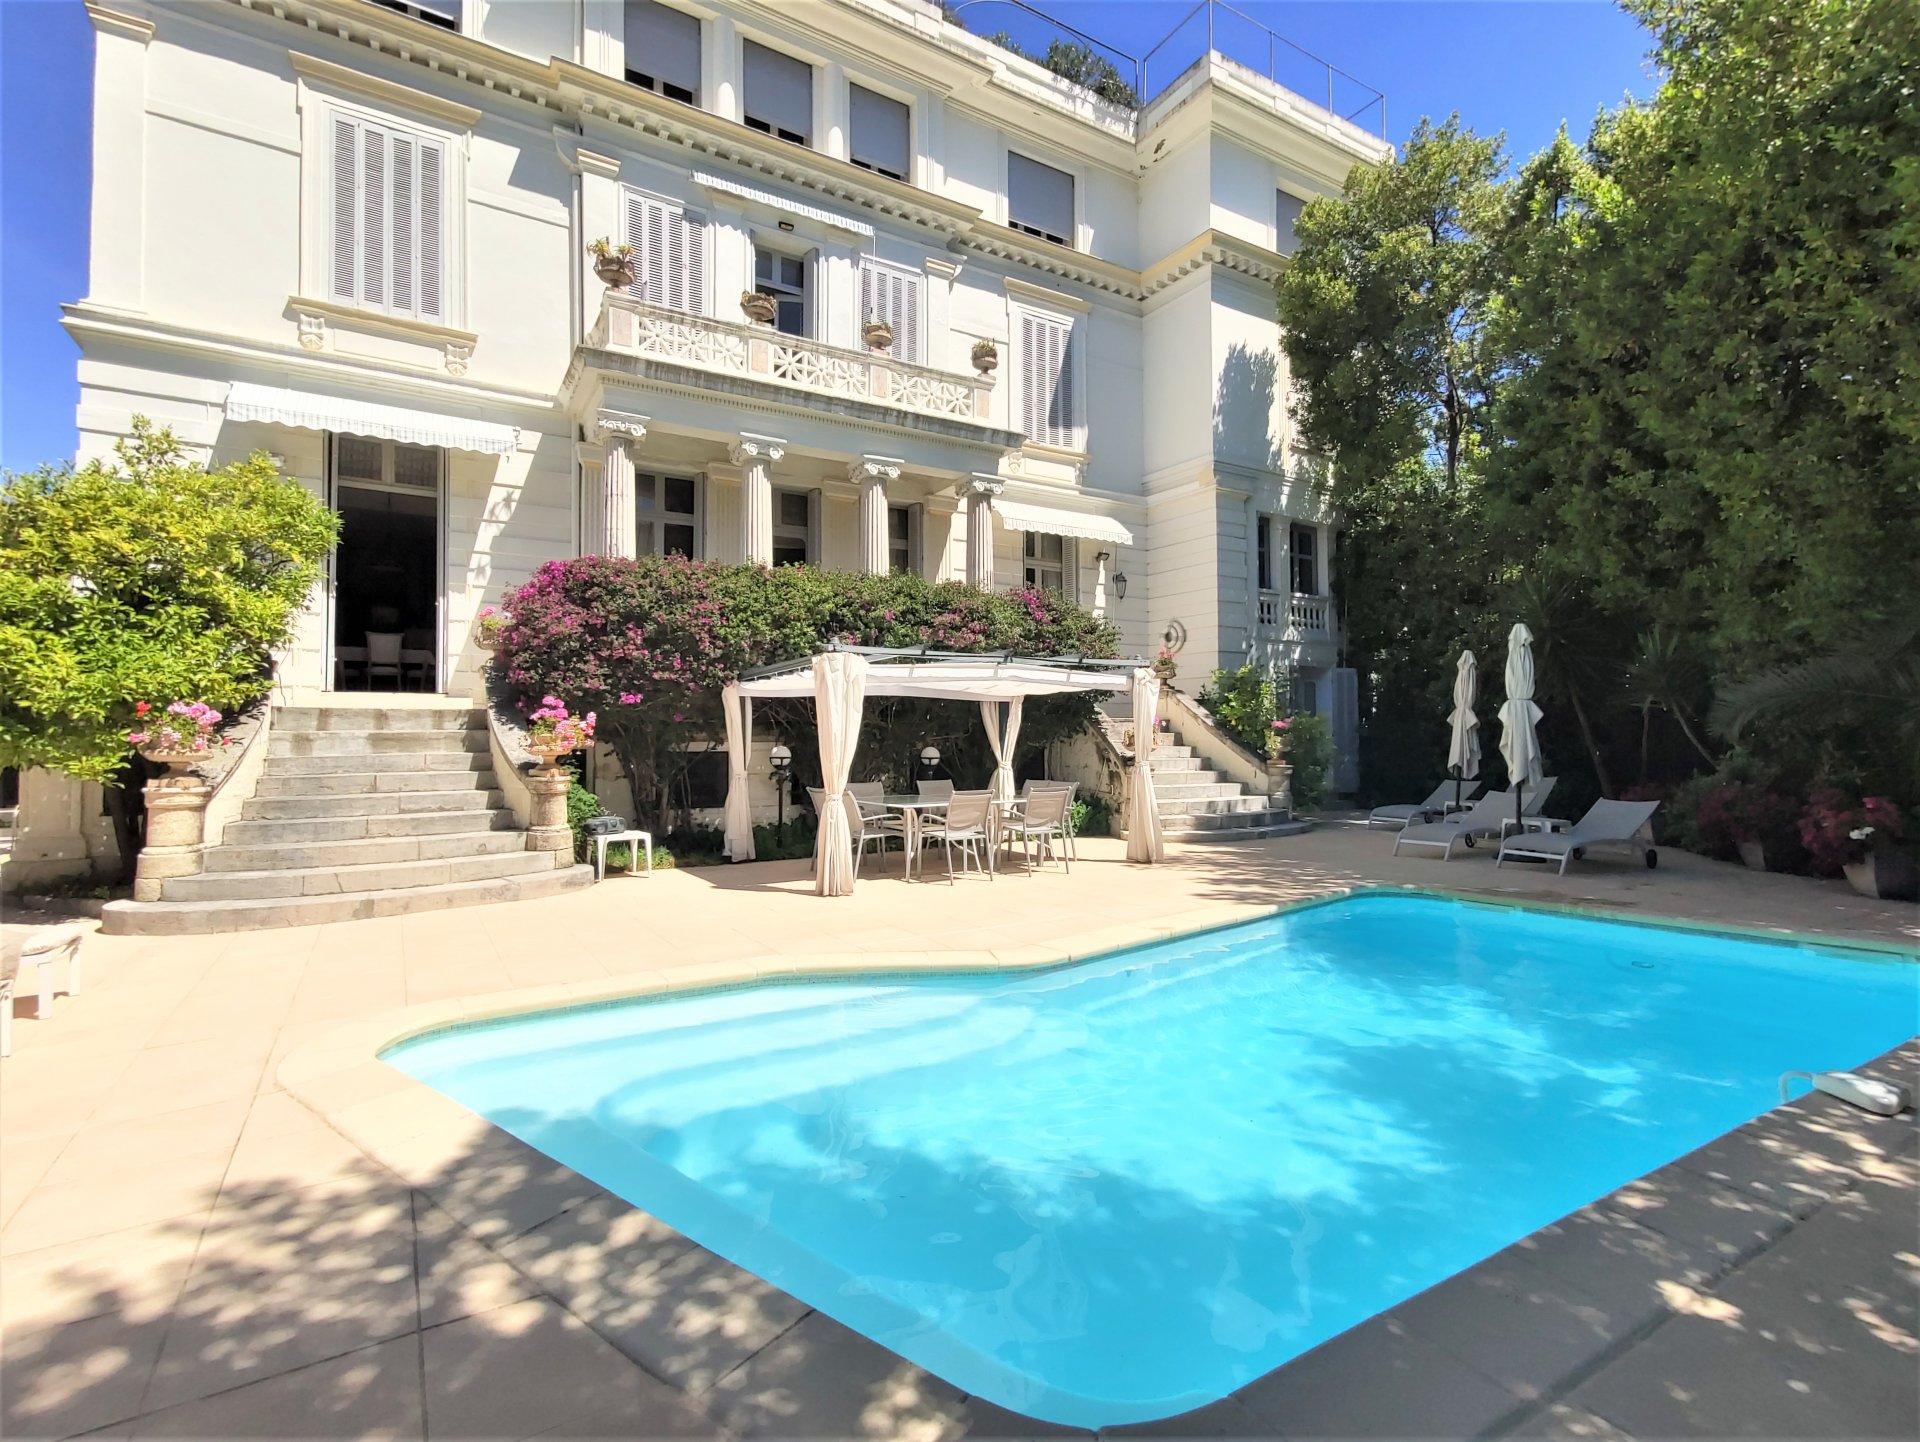 Affitto stagionale Appartamento in villa - Cannes Pointe Croisette